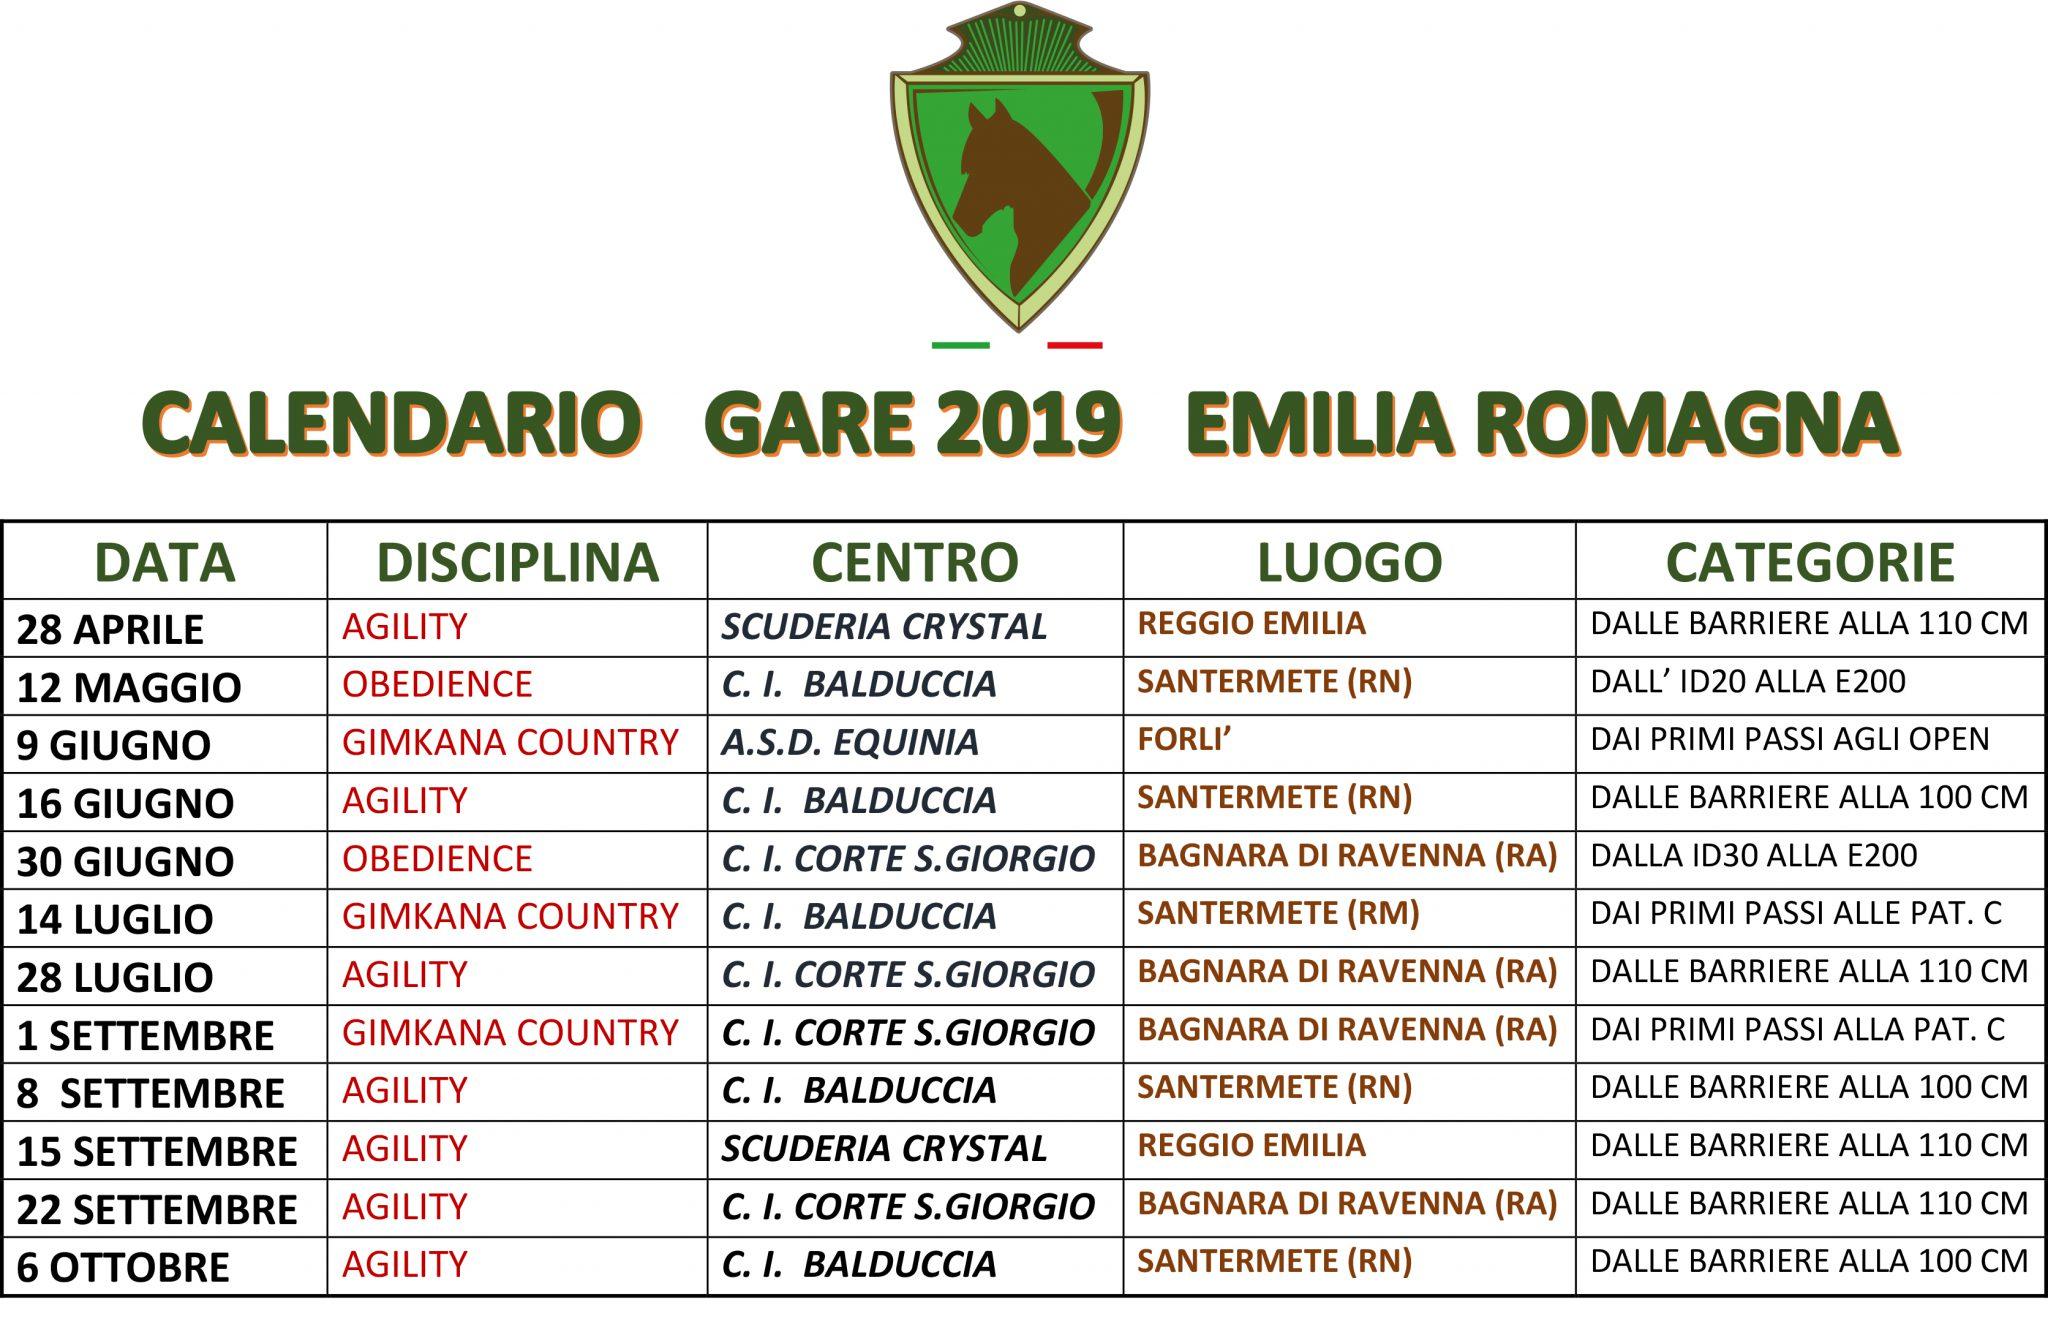 Calendario Regionale Salto Ostacoli.Calendario Gare 2019 Emilia Romagna Sef Italia